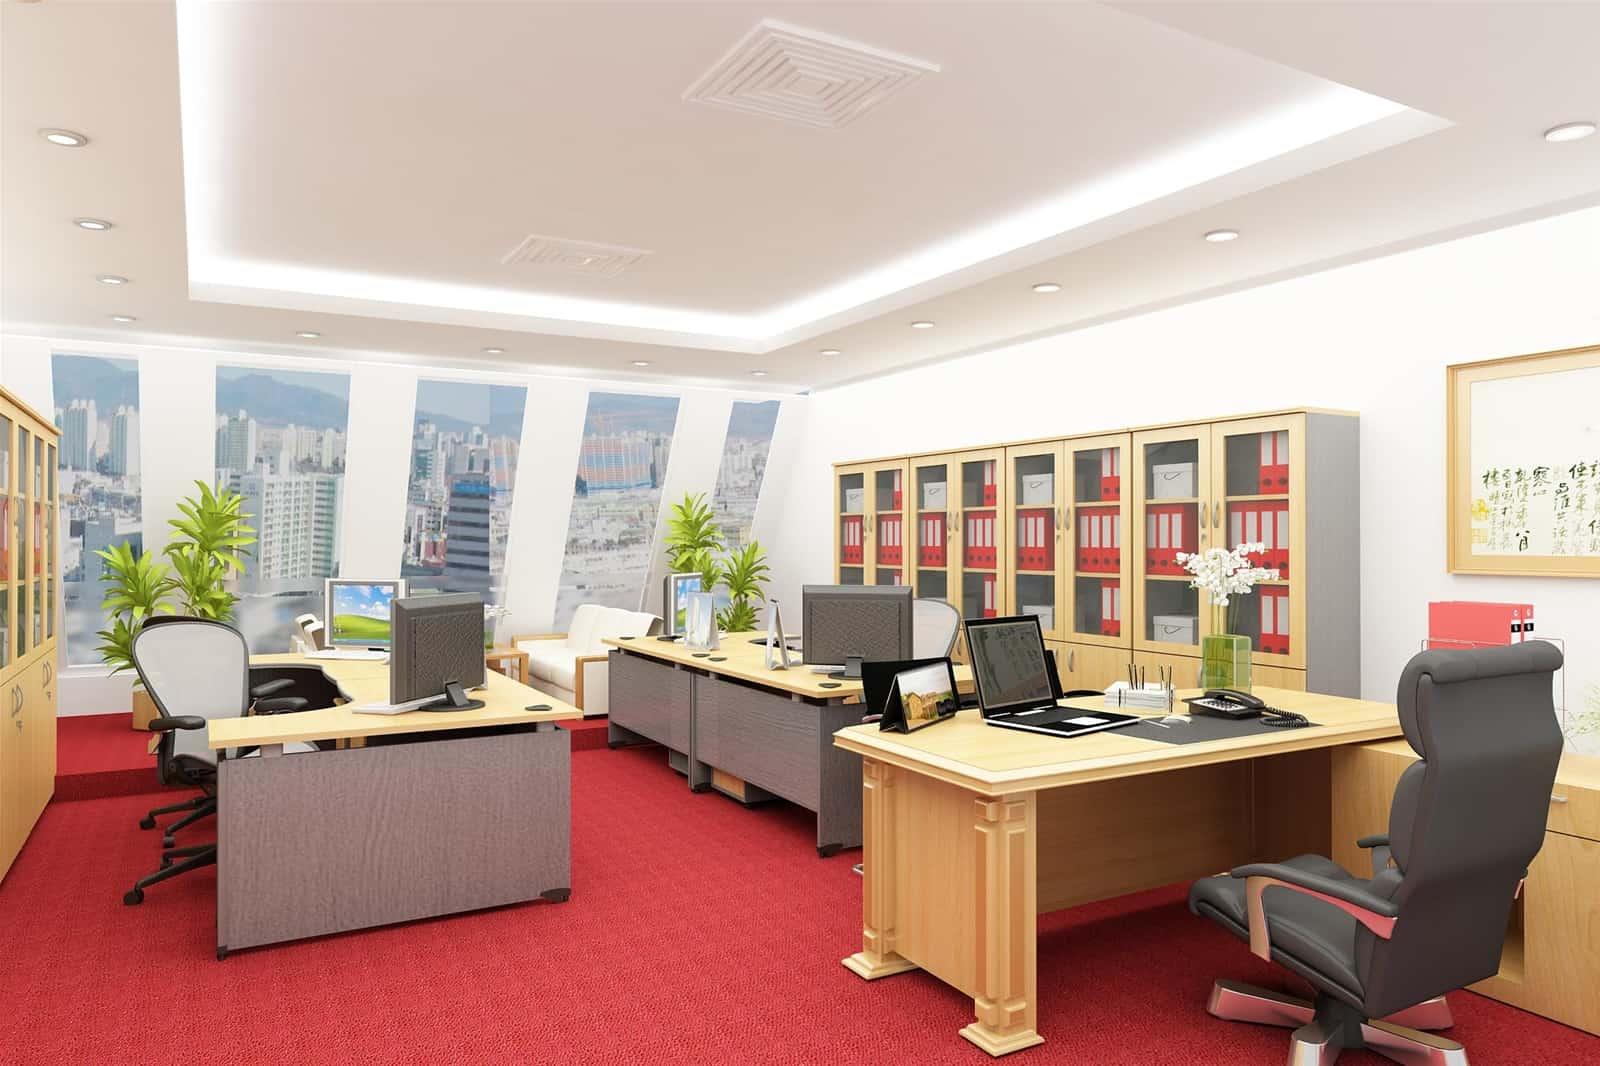 Nội Thất Văn Phòng Tại TP.HCM